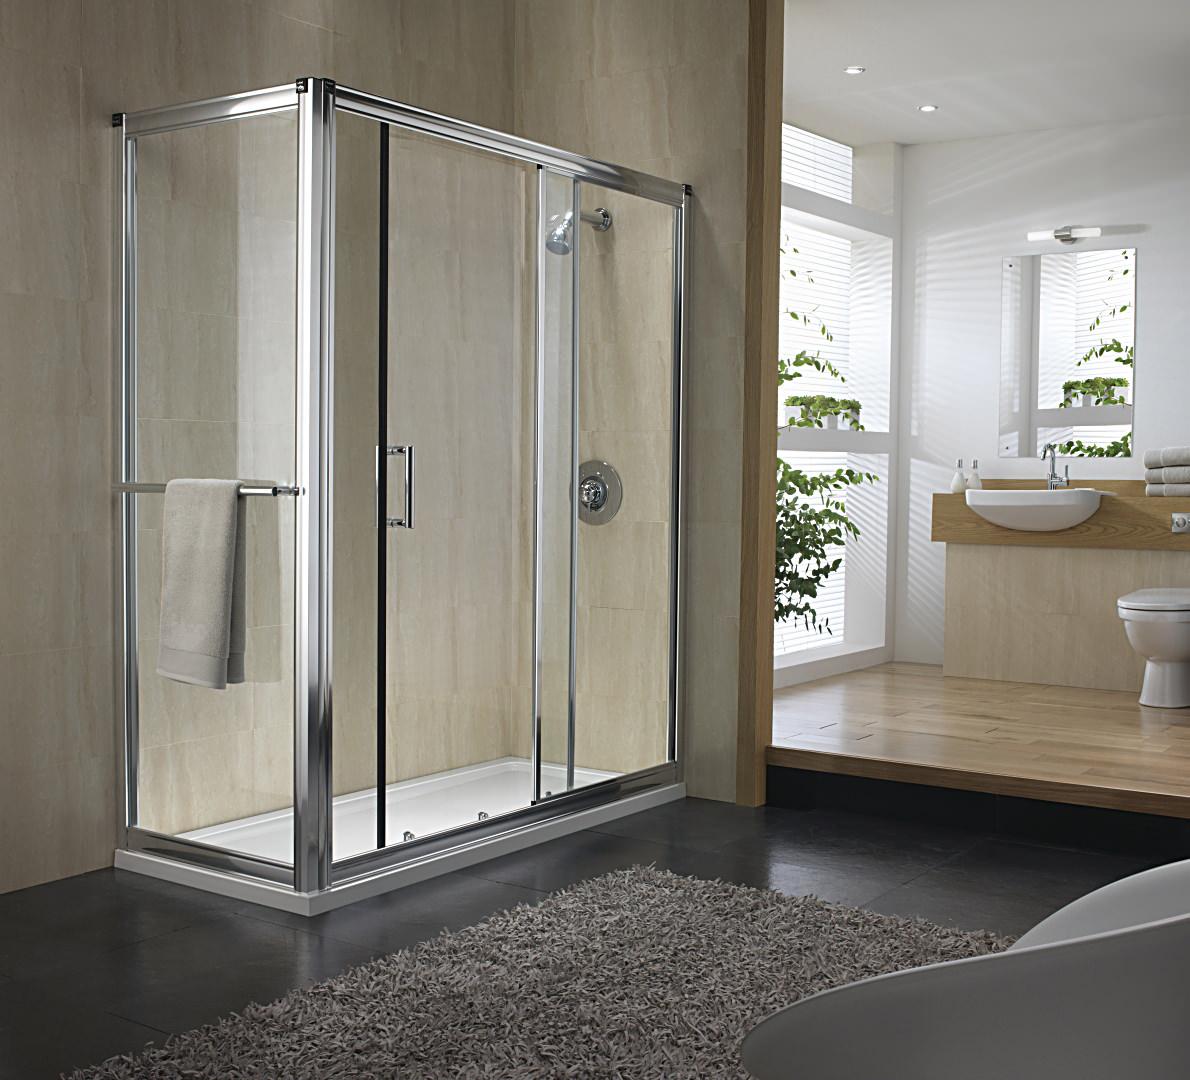 Twyford hydr8 sliding shower door 1500mm for 1500 sliding shower door